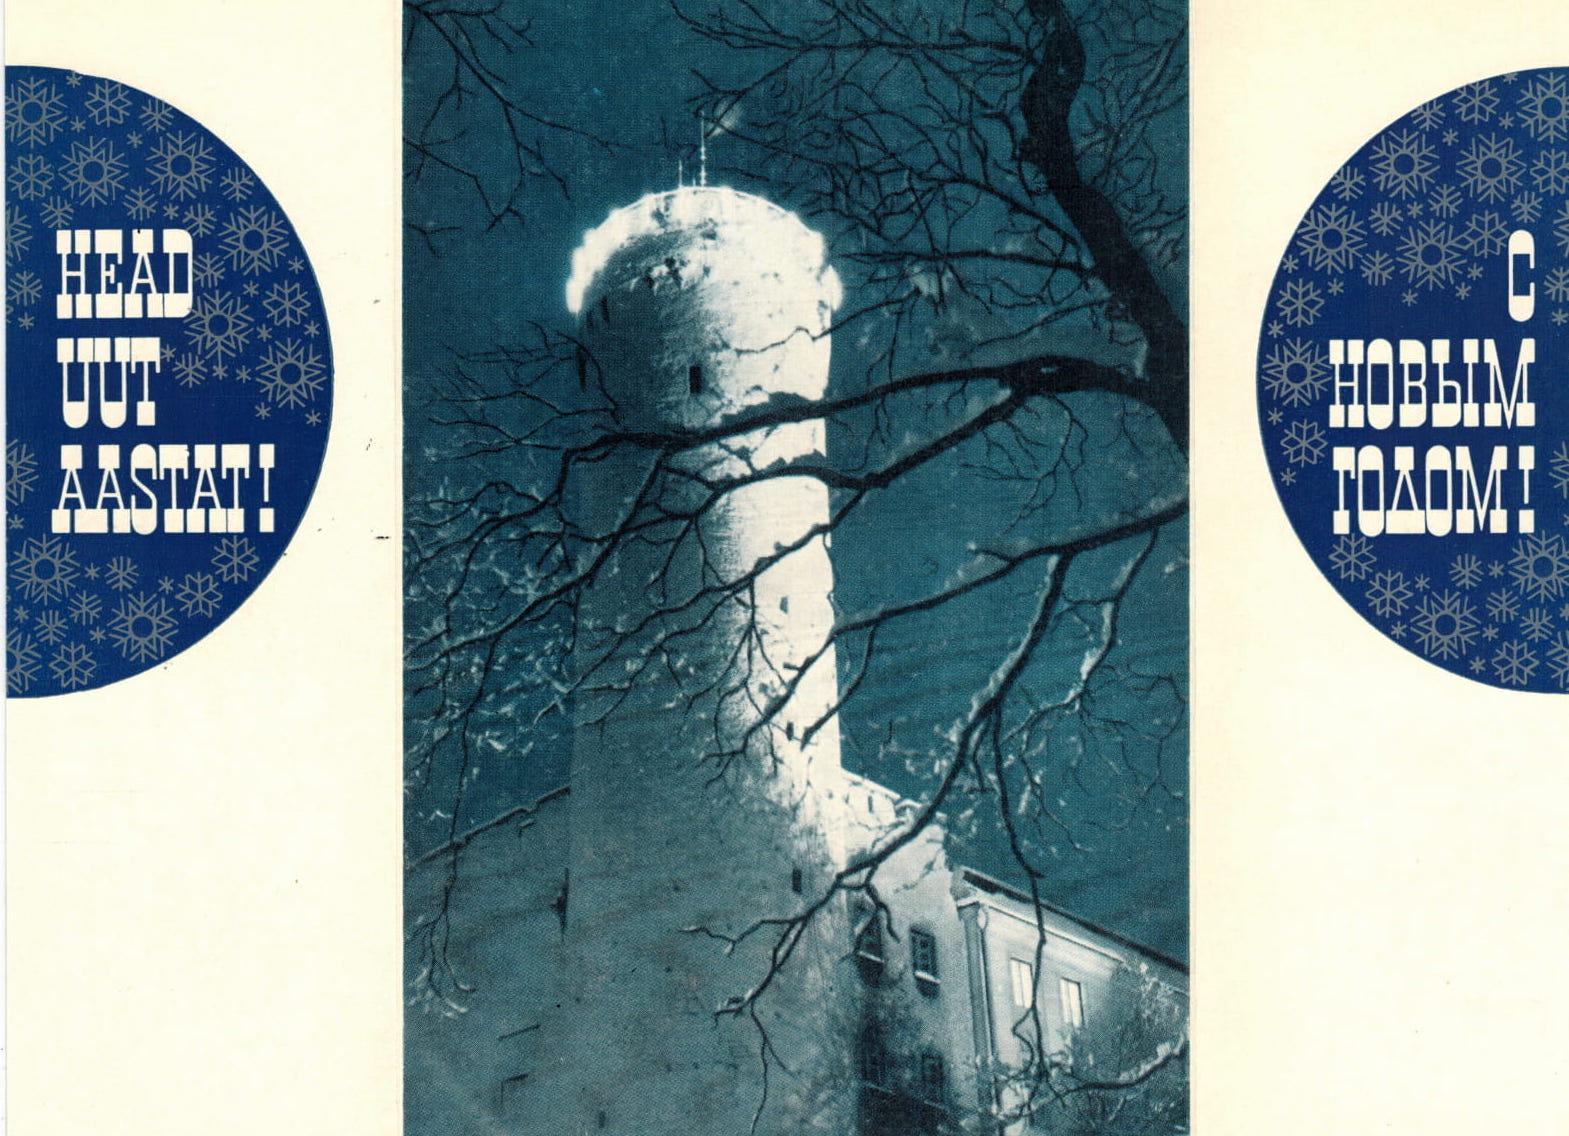 Uusaastakaart Pika Hermani torniga